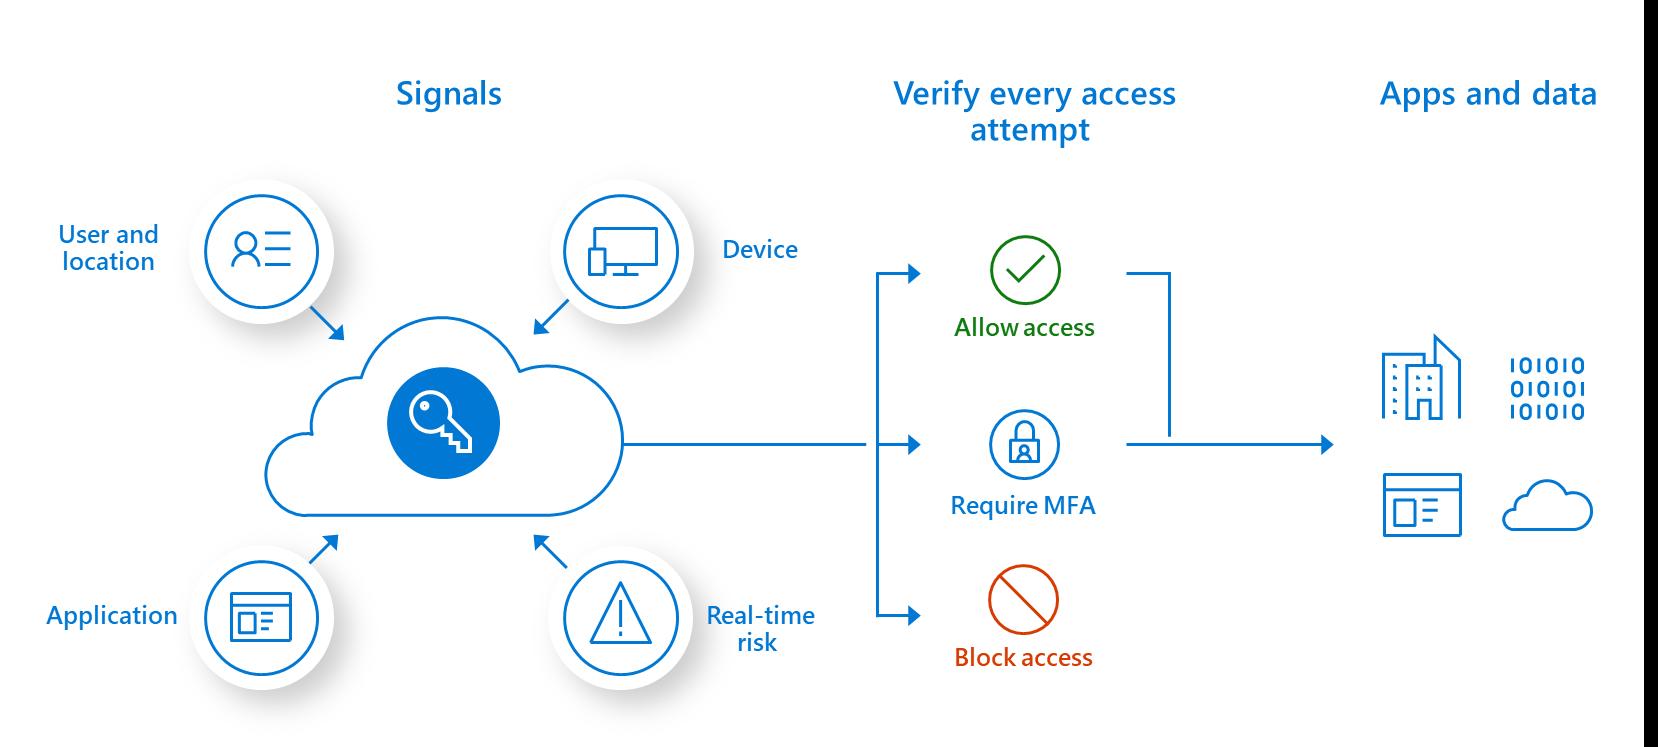 Infografik yang menjelaskan akses bersyarat. Sinyal (lokasi pengguna, perangkat, risiko real-time, aplikasi), Verifikasi setiap upaya akses (izinkan akses, perlu MFA, atau blokir akses), serta Aplikasi dan data.